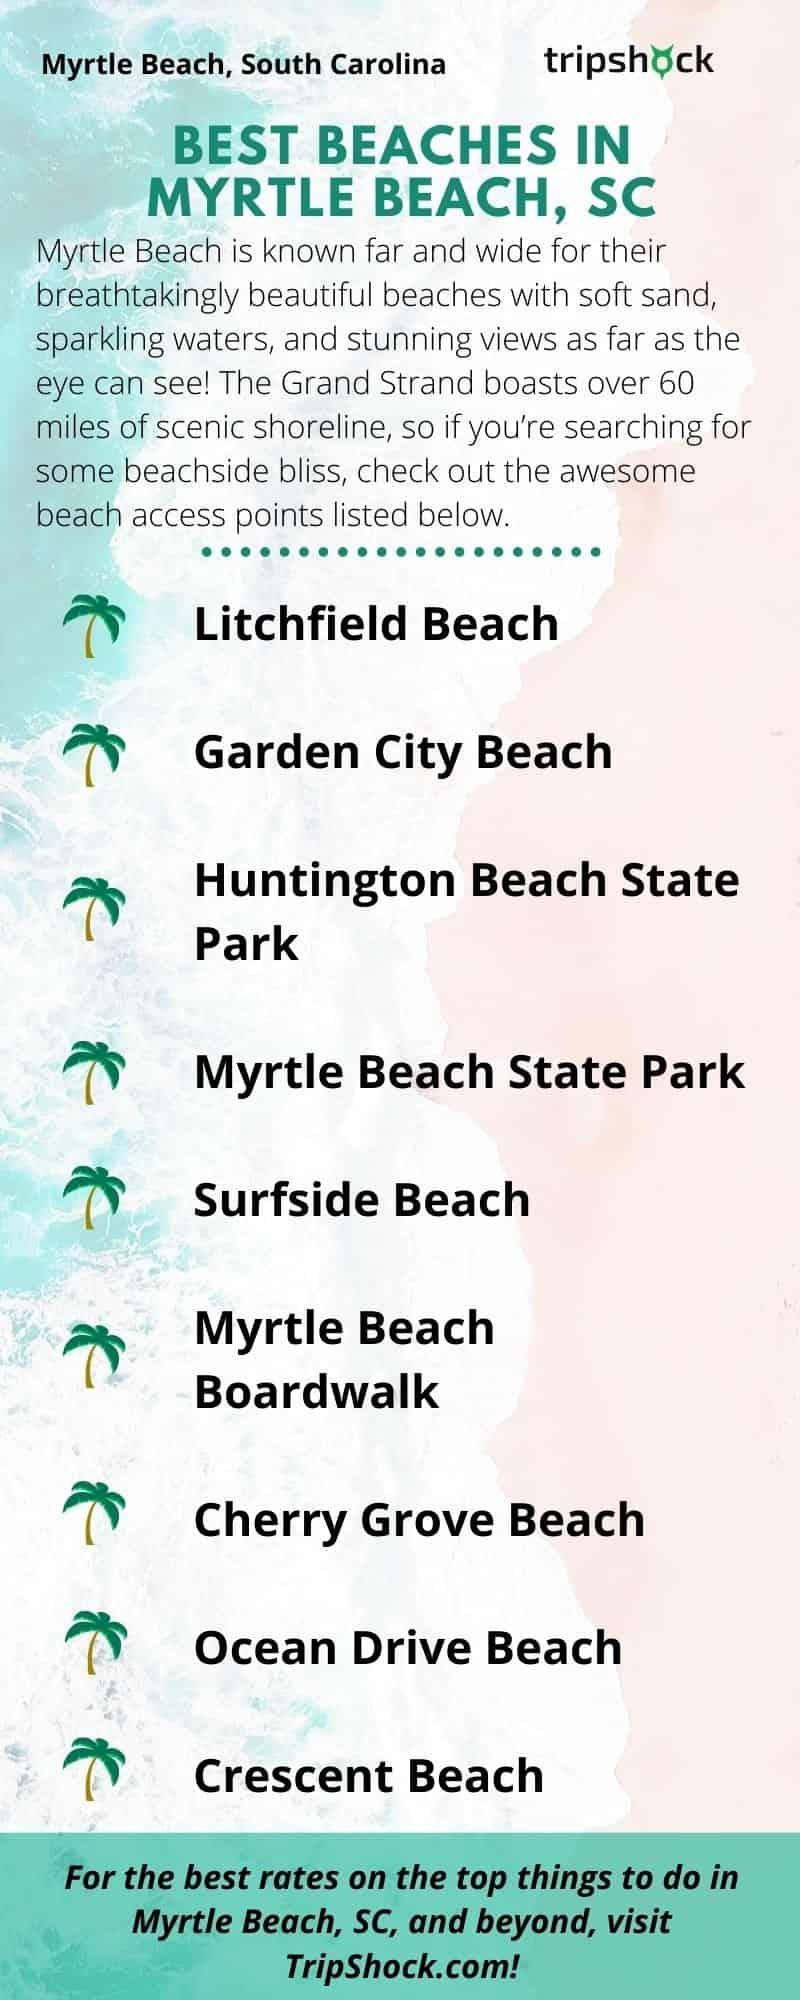 Best Beaches in Myrtle Beach, SC